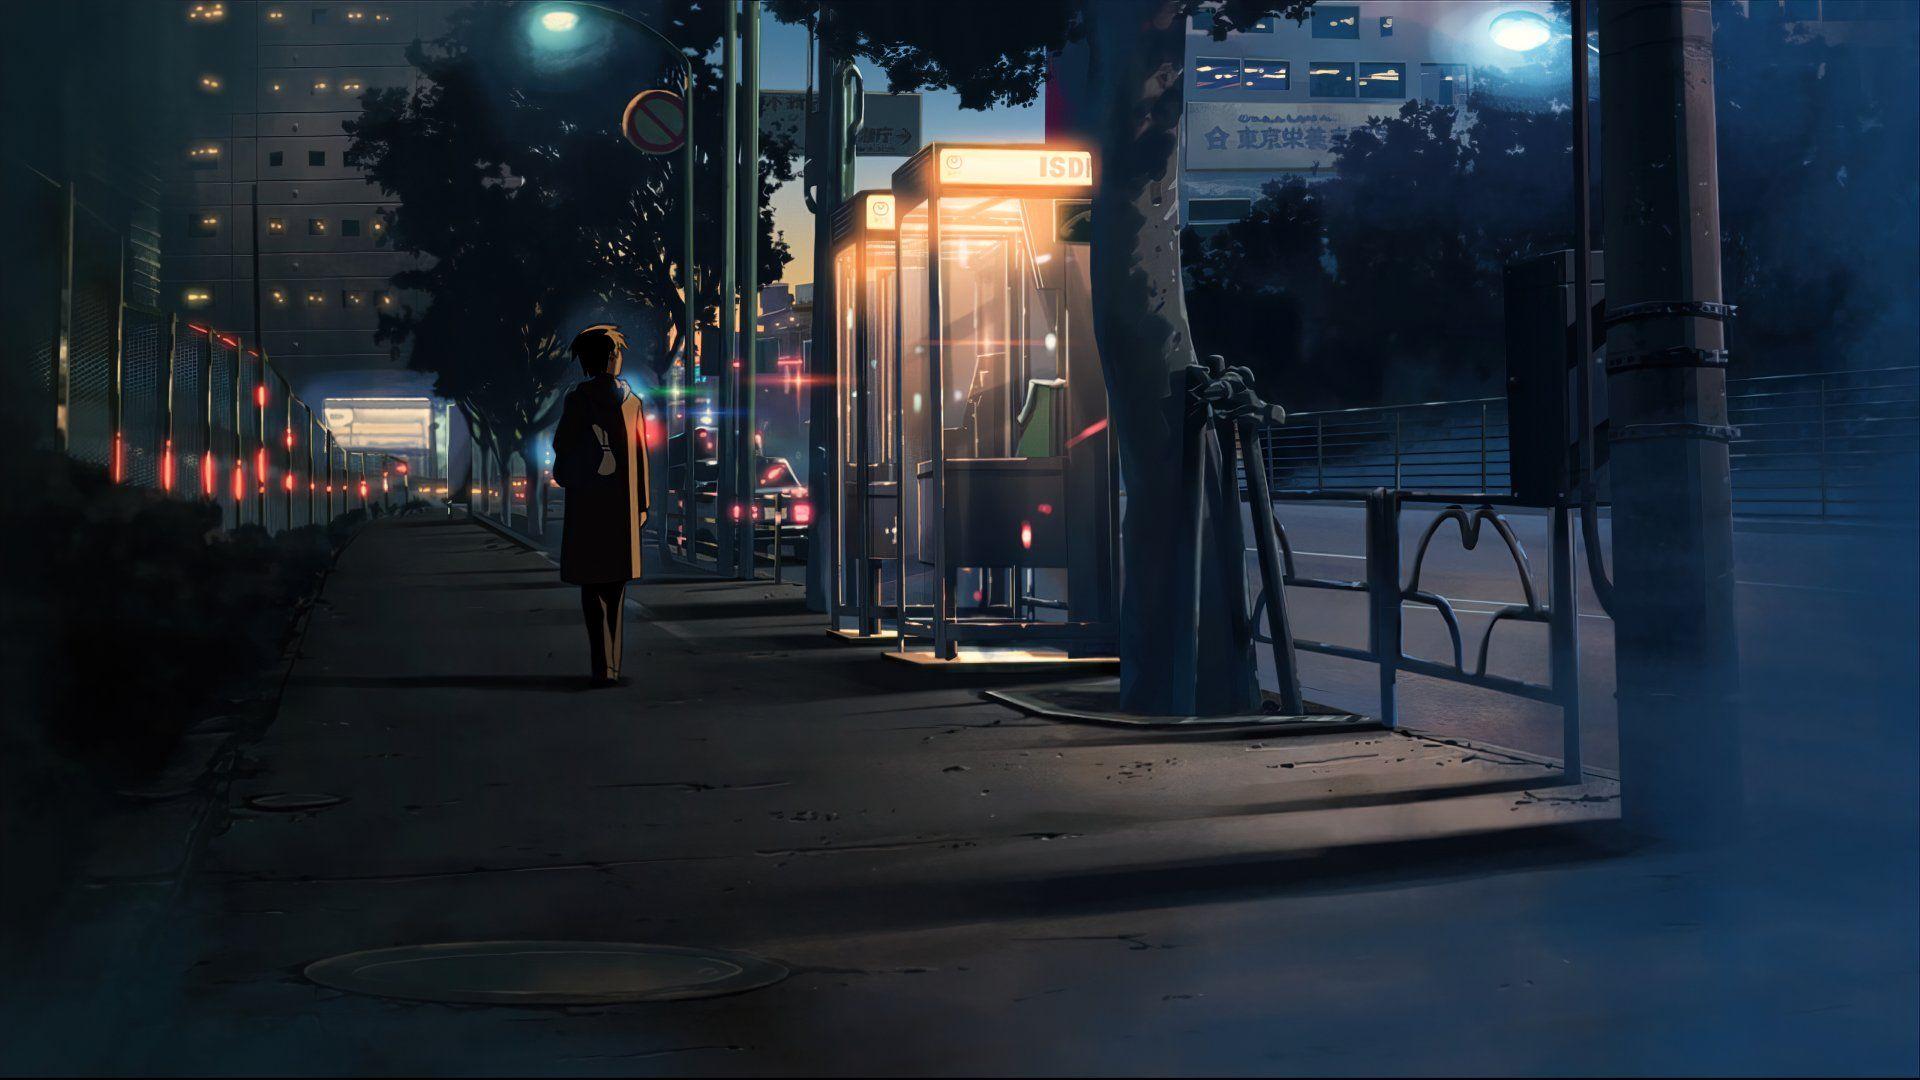 Красивый фон аниме улица ночь 28